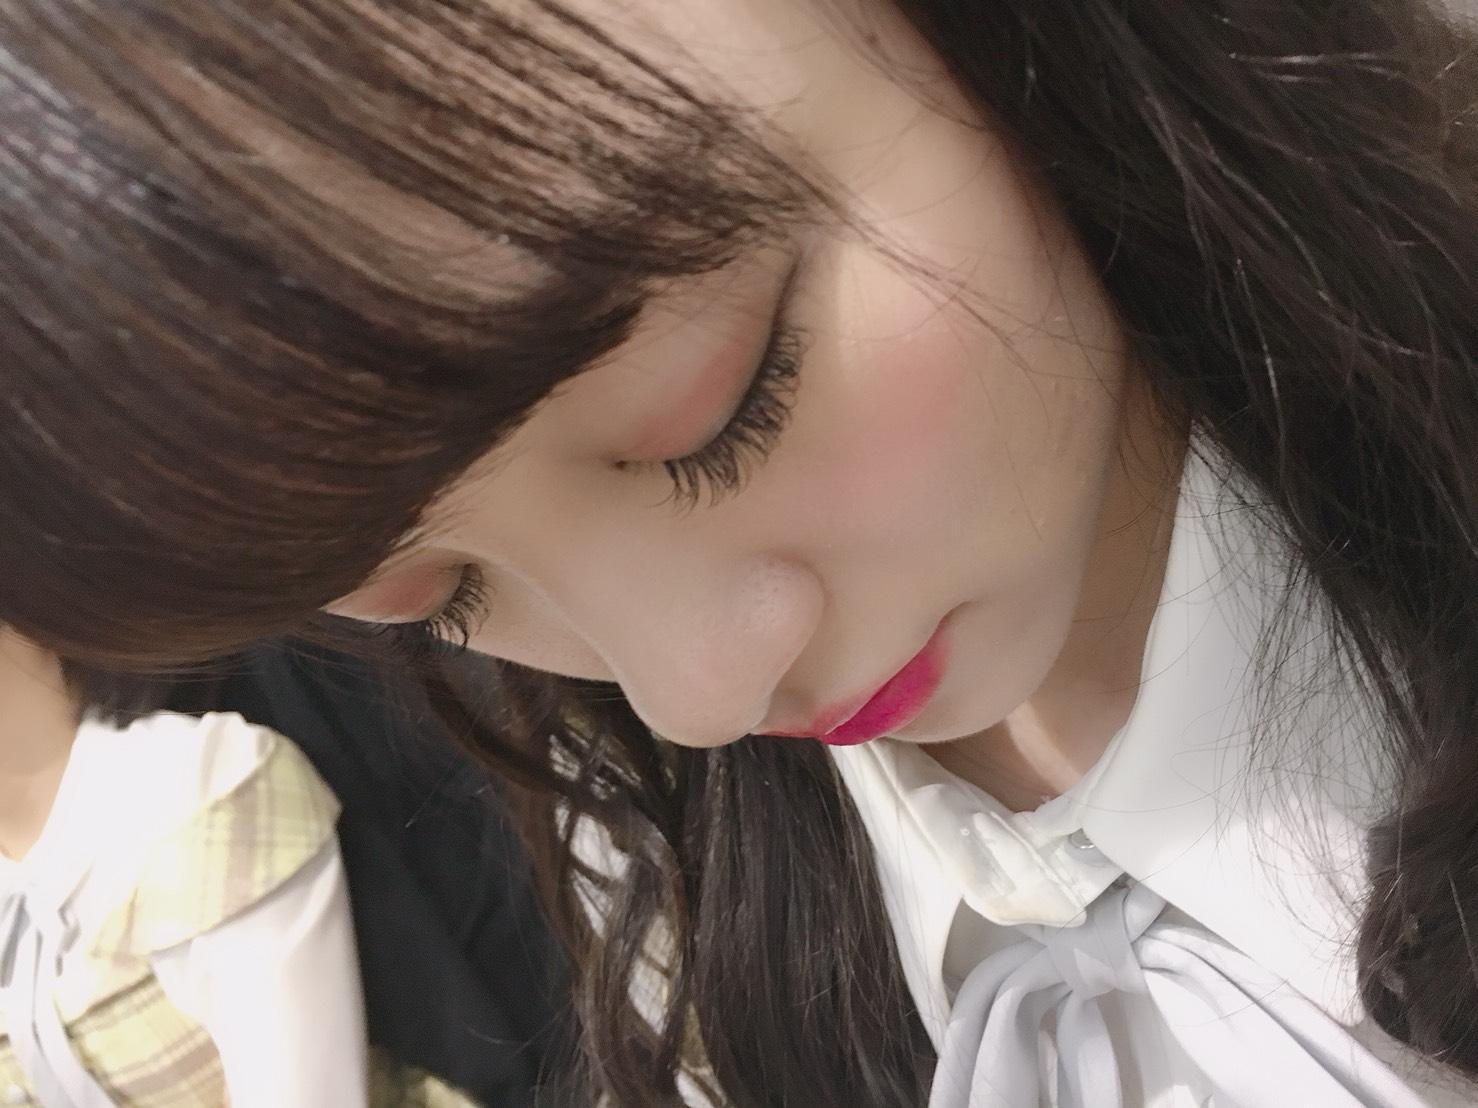 (1-3)りさちゃんも熟睡中……。まつげが長くてきれい!